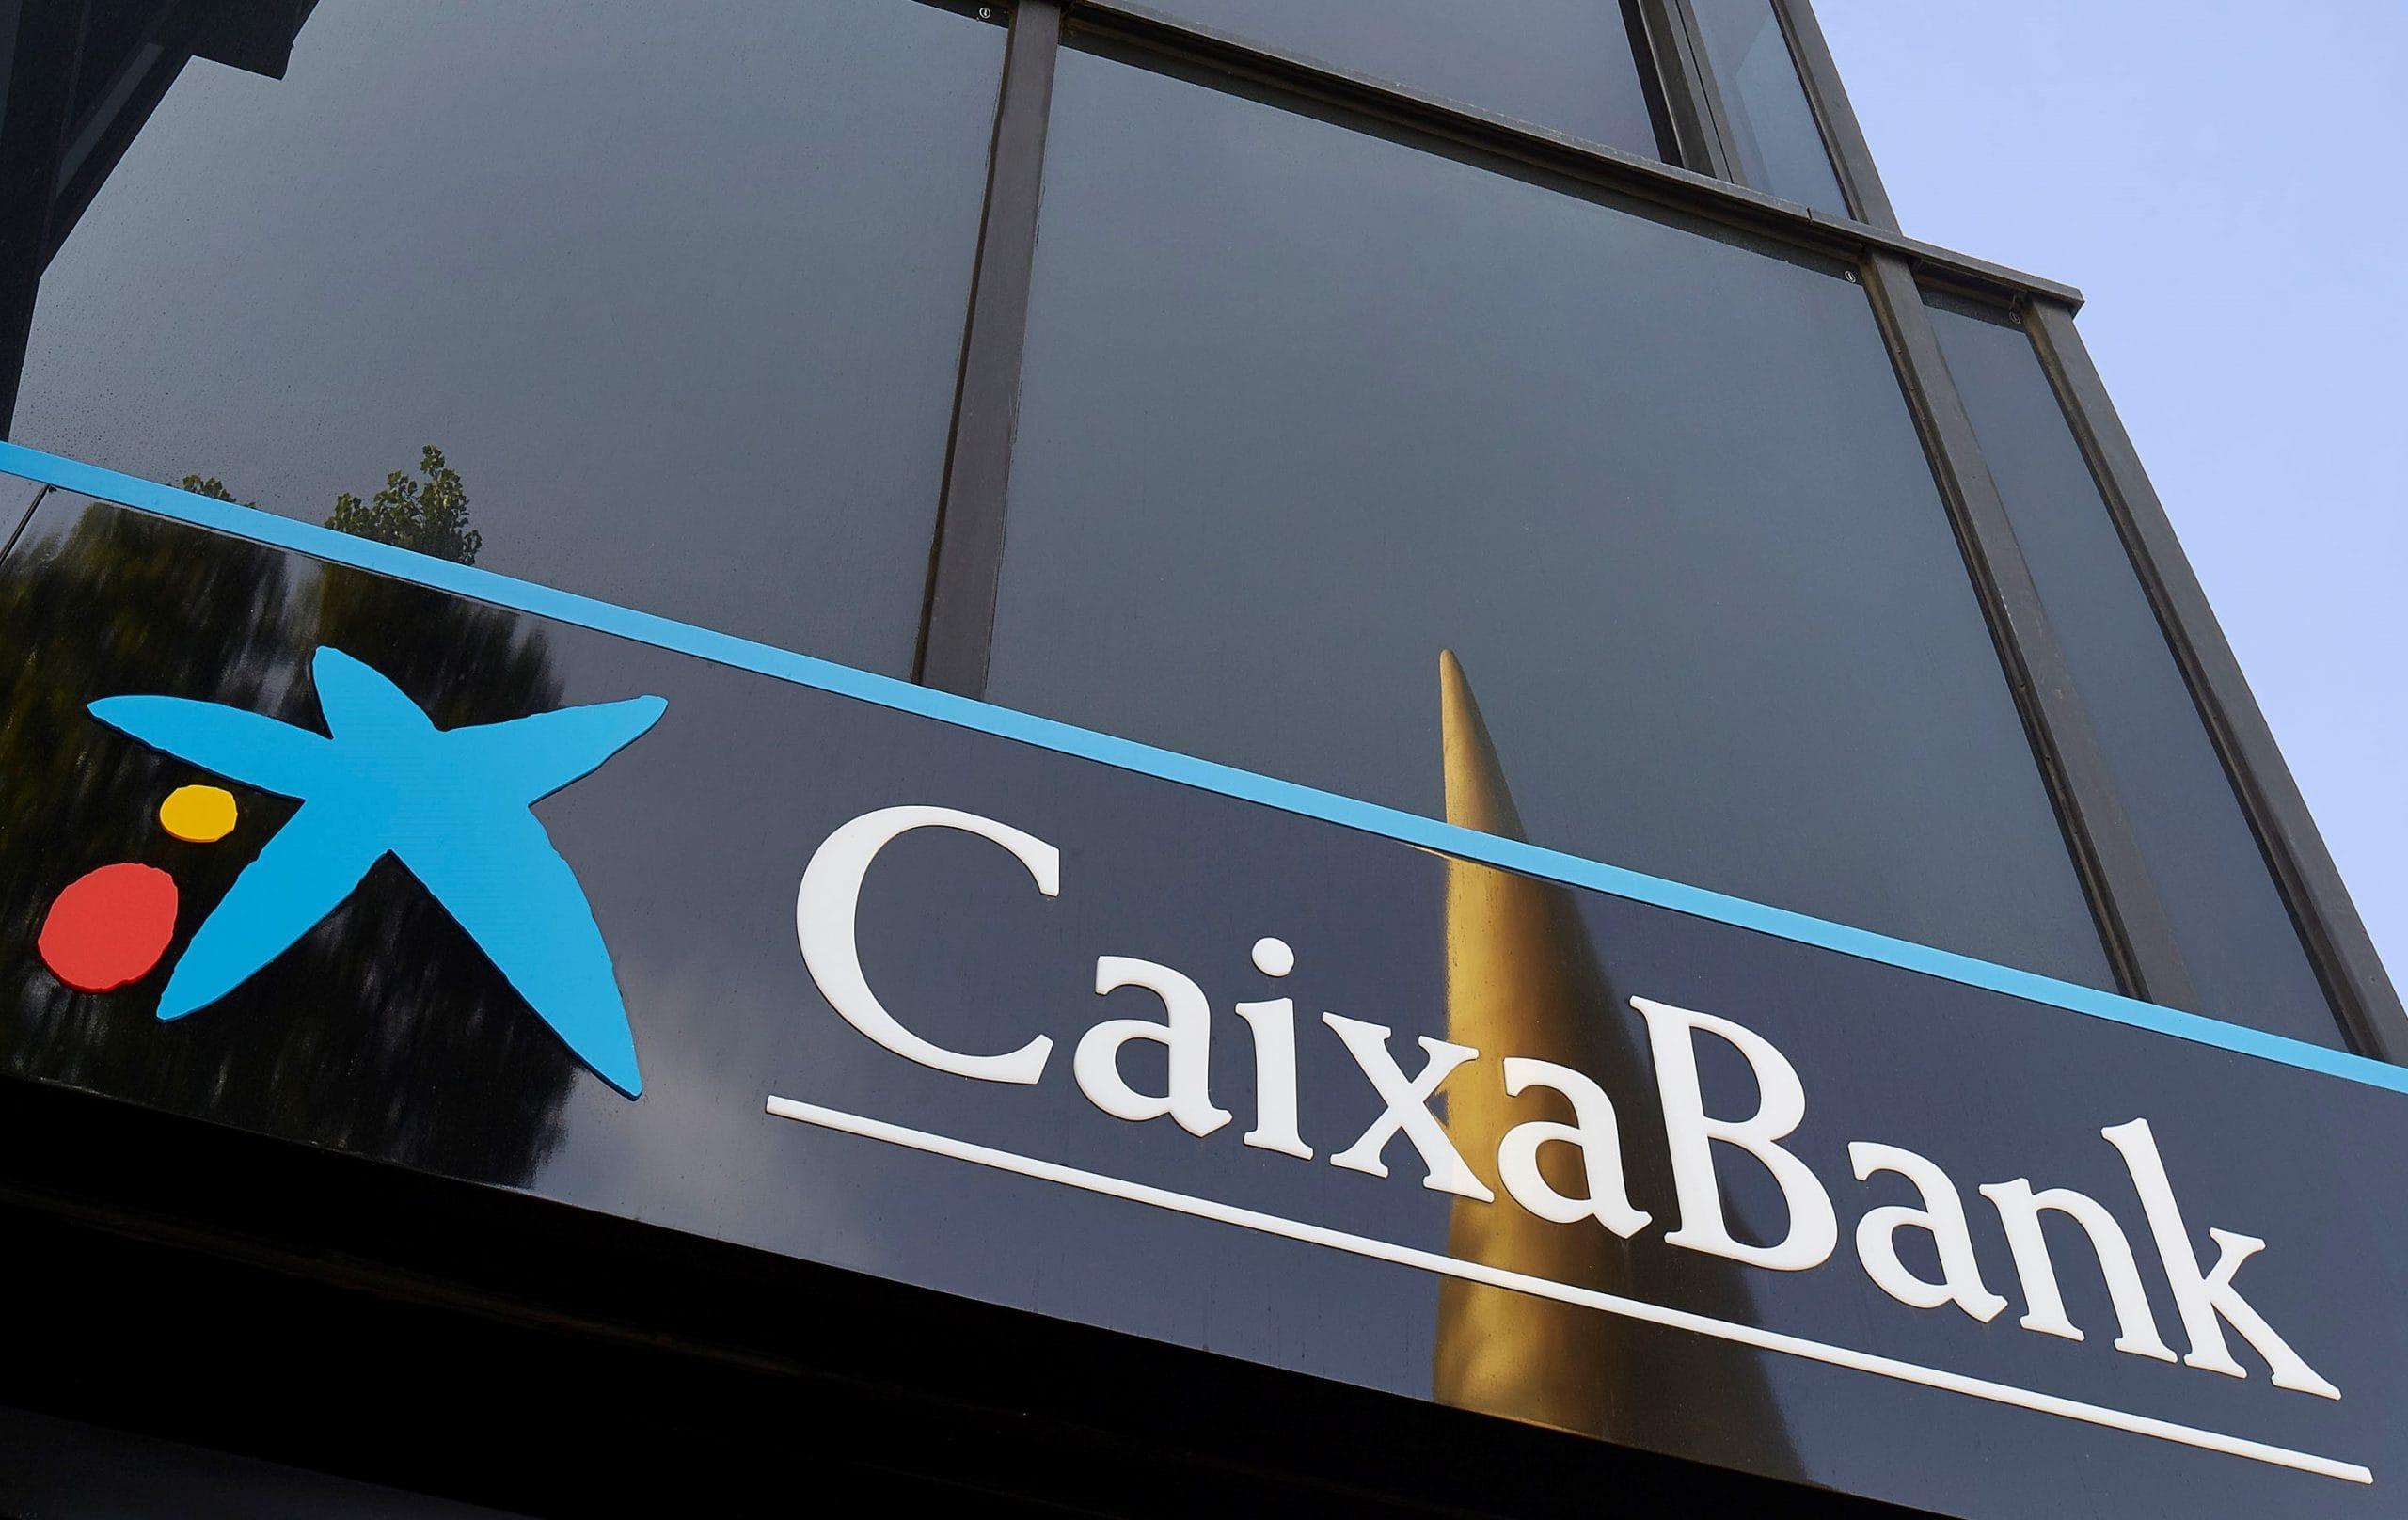 CaixaBank emet el seu primer Bo Verd per import de 1.000 milions d'euros